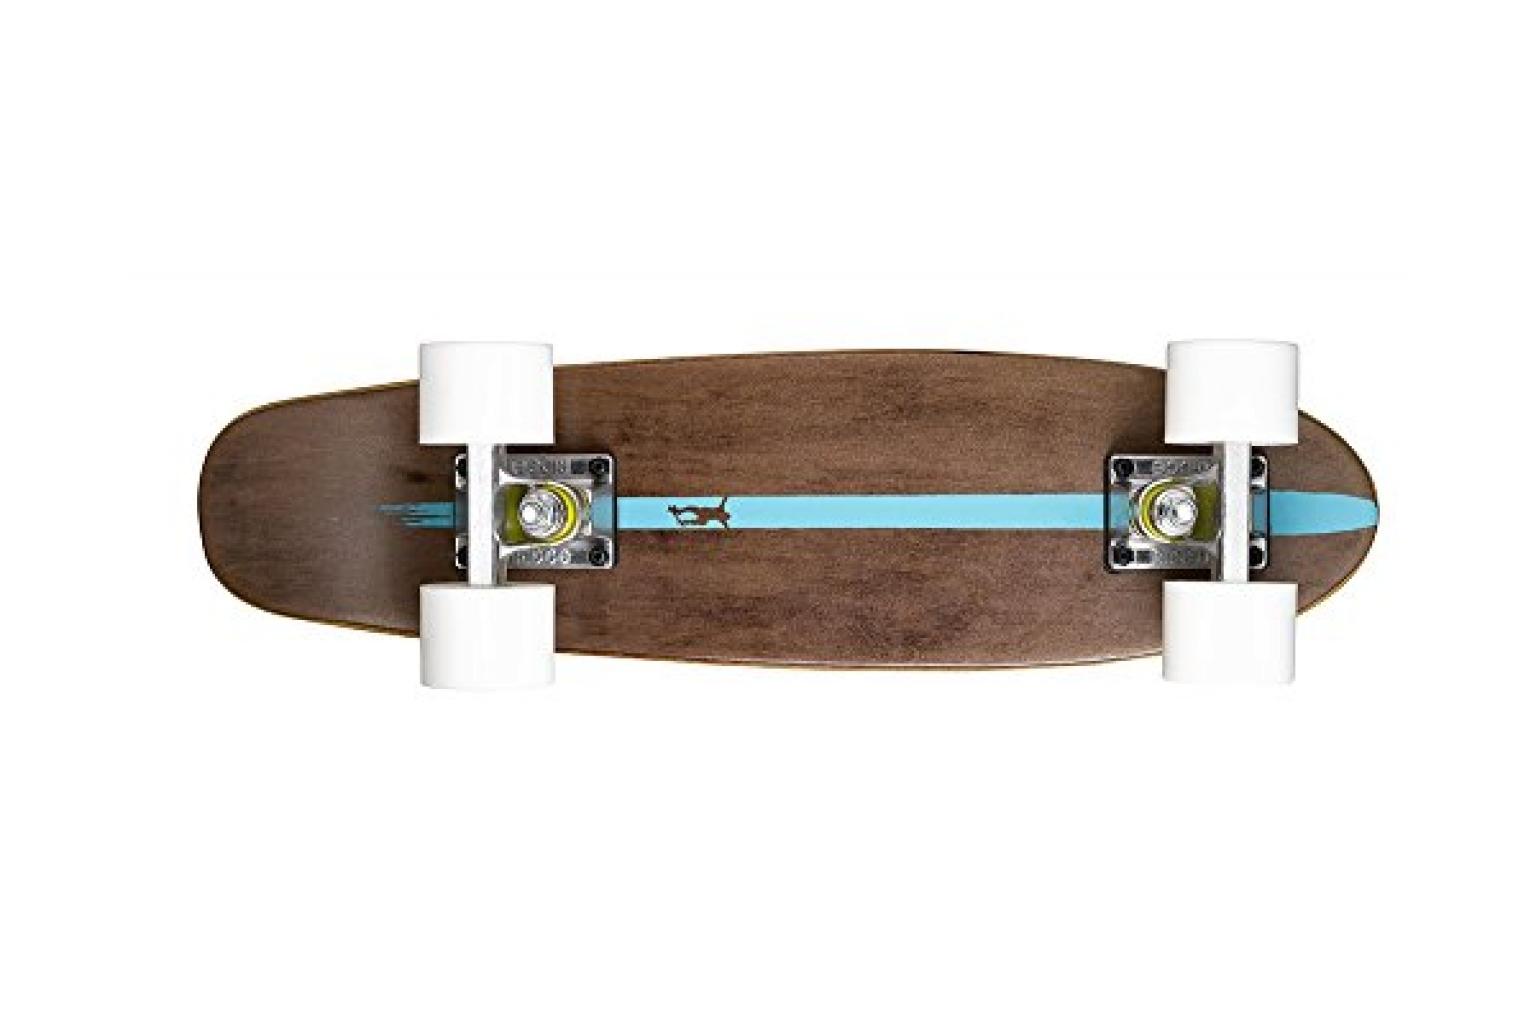 Longboard test